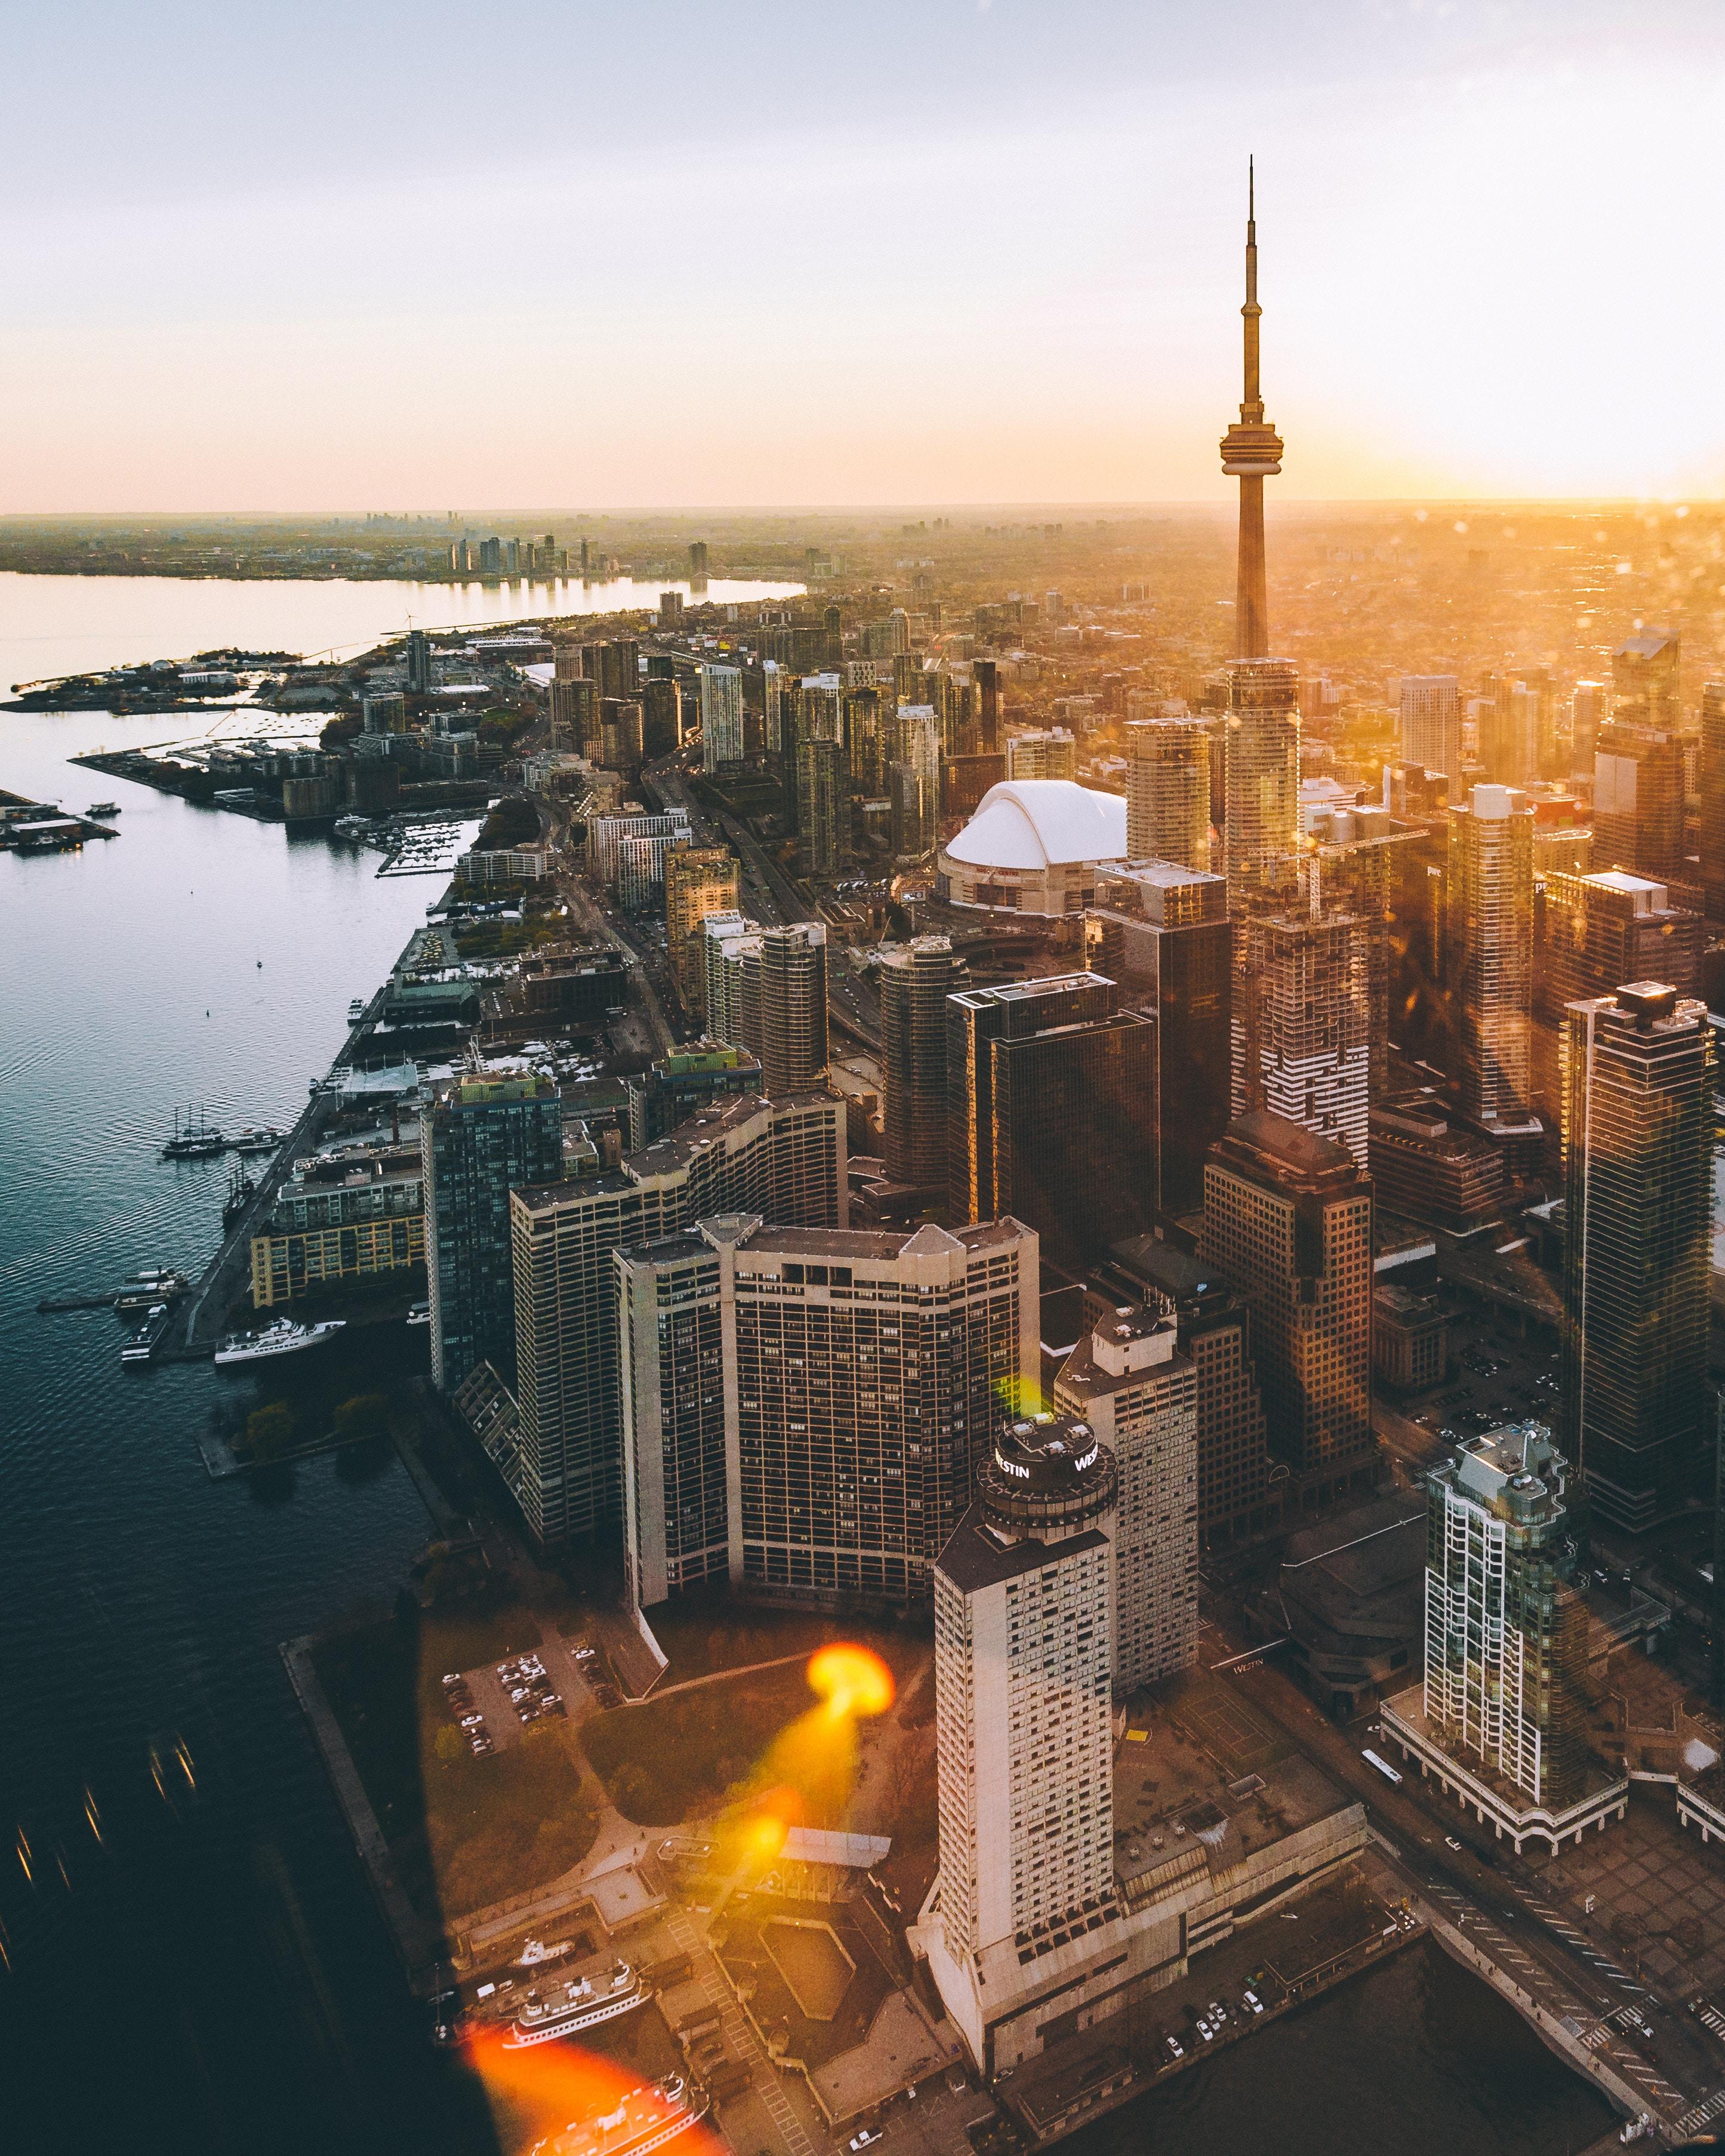 令和 2019 ワーホリ カナダ編 なぜカナダなのか?魅力とは